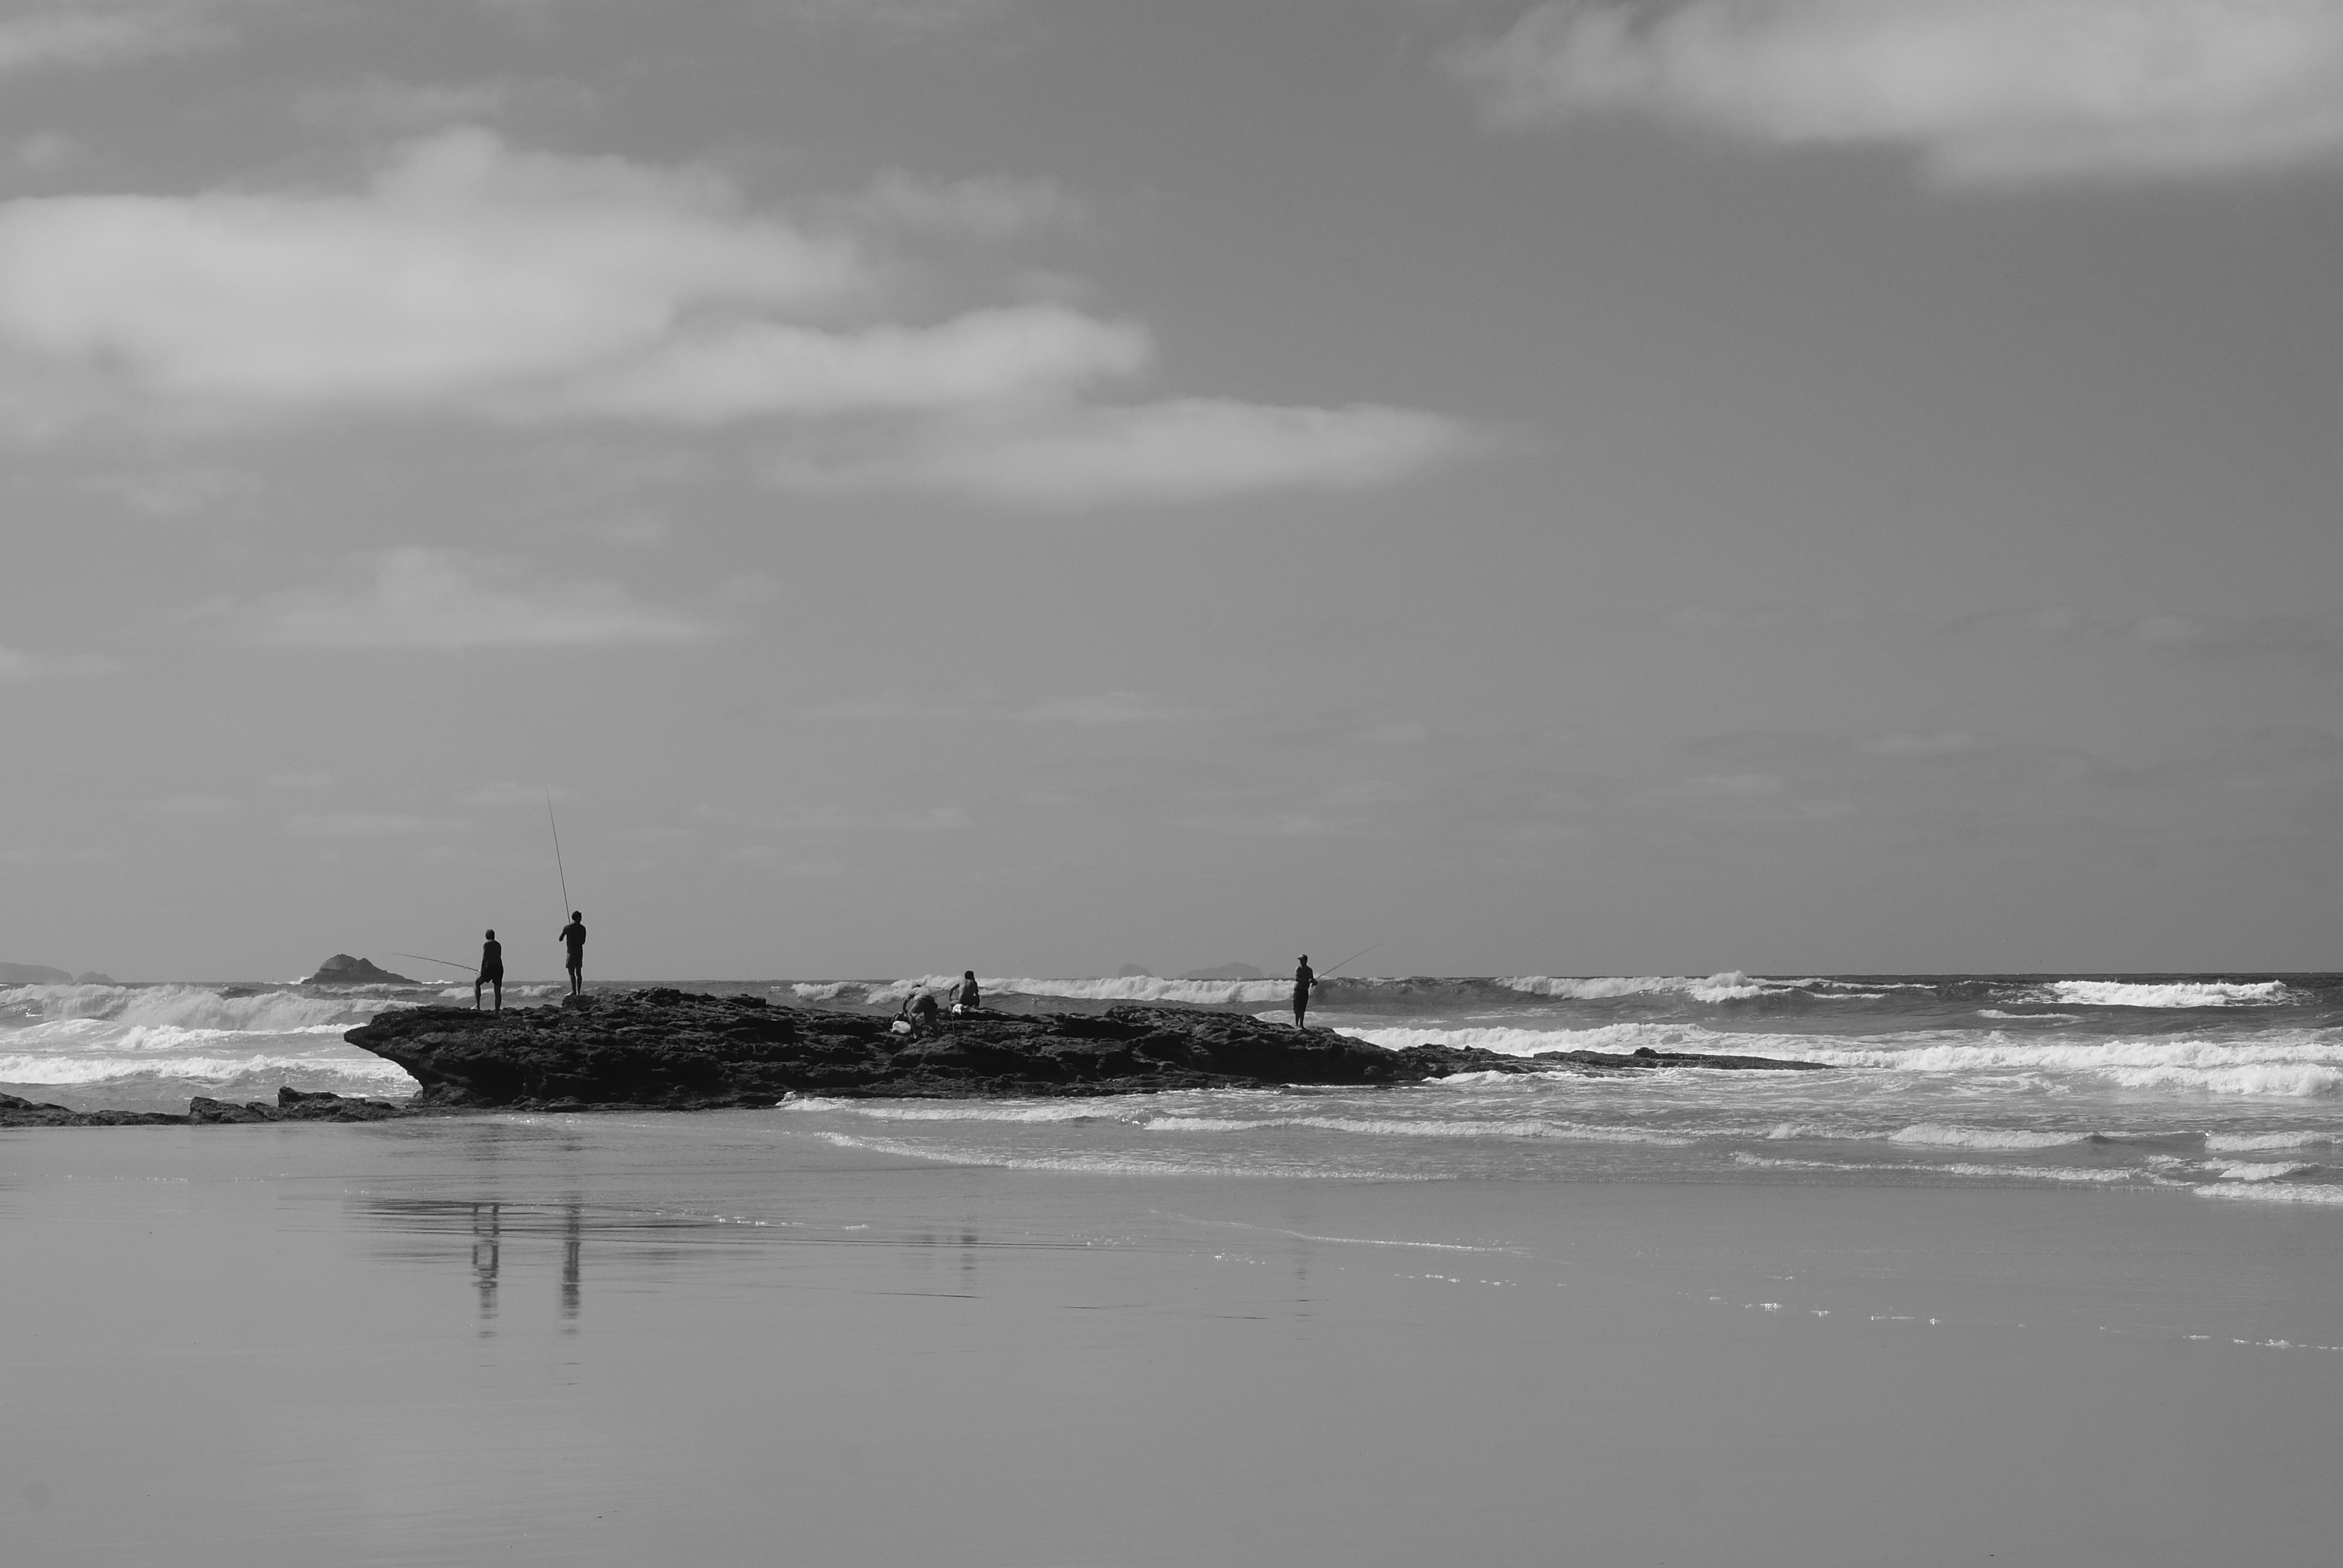 hình ảnh : bờ biển, Bờ biển, đại dương, Đường chân trời, sáng tạo, đám mây, đen và trắng, những người, đường phố, nhiếp ảnh, làn sóng, xã hội, Dslr, Xe, ...